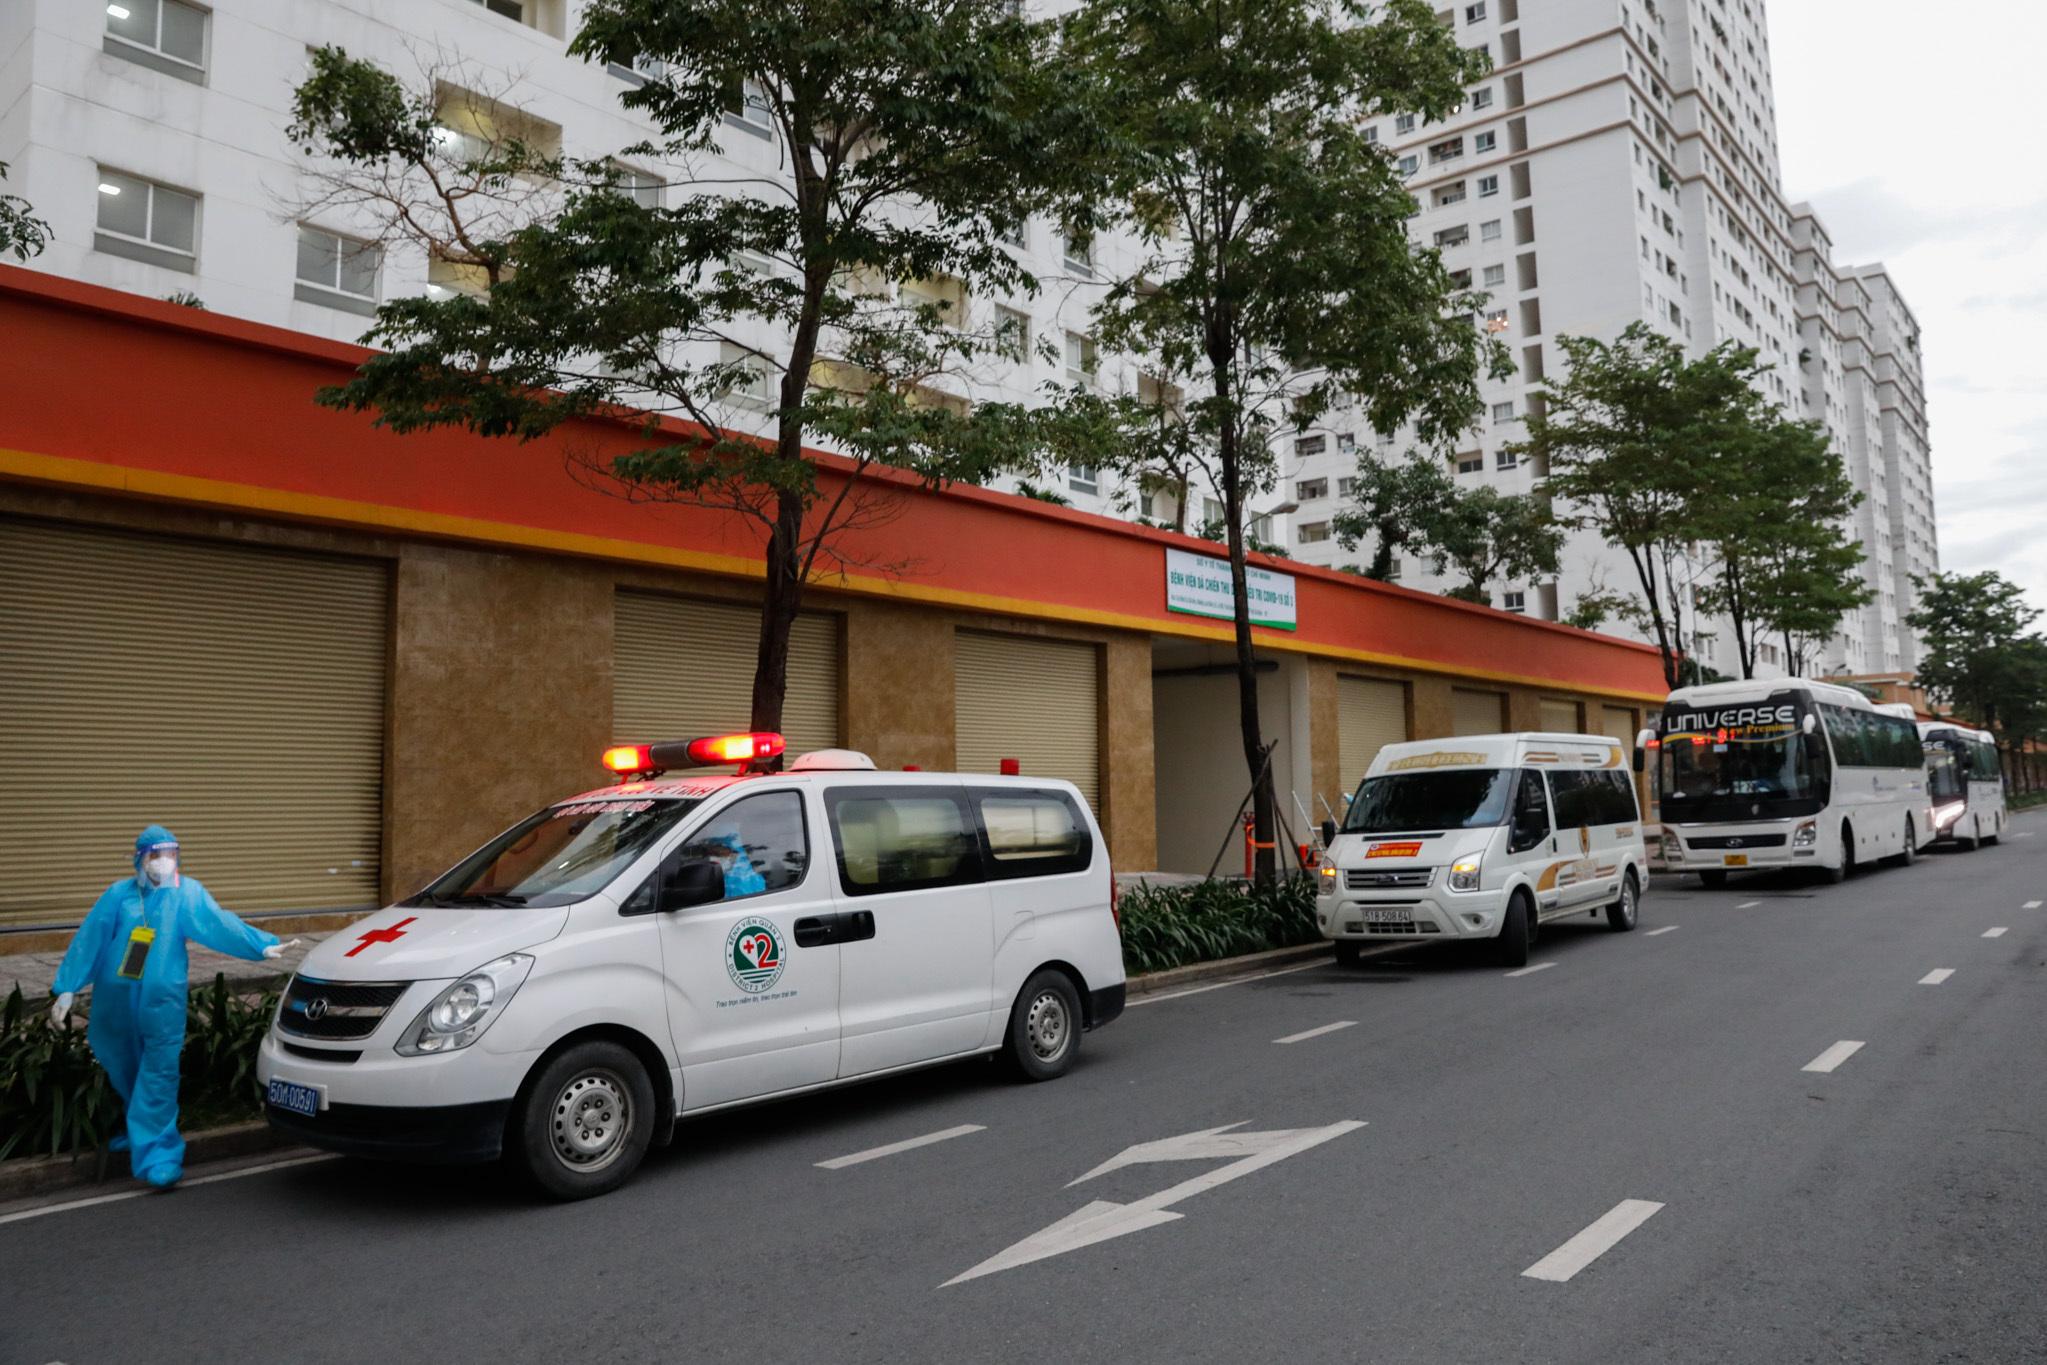 Bệnh viện dã chiến 3.000 giường vừa được thiết lập tại một chung cư ở phường An Khánh, TP Thủ Đức. Ảnh: Hữu Khoa.